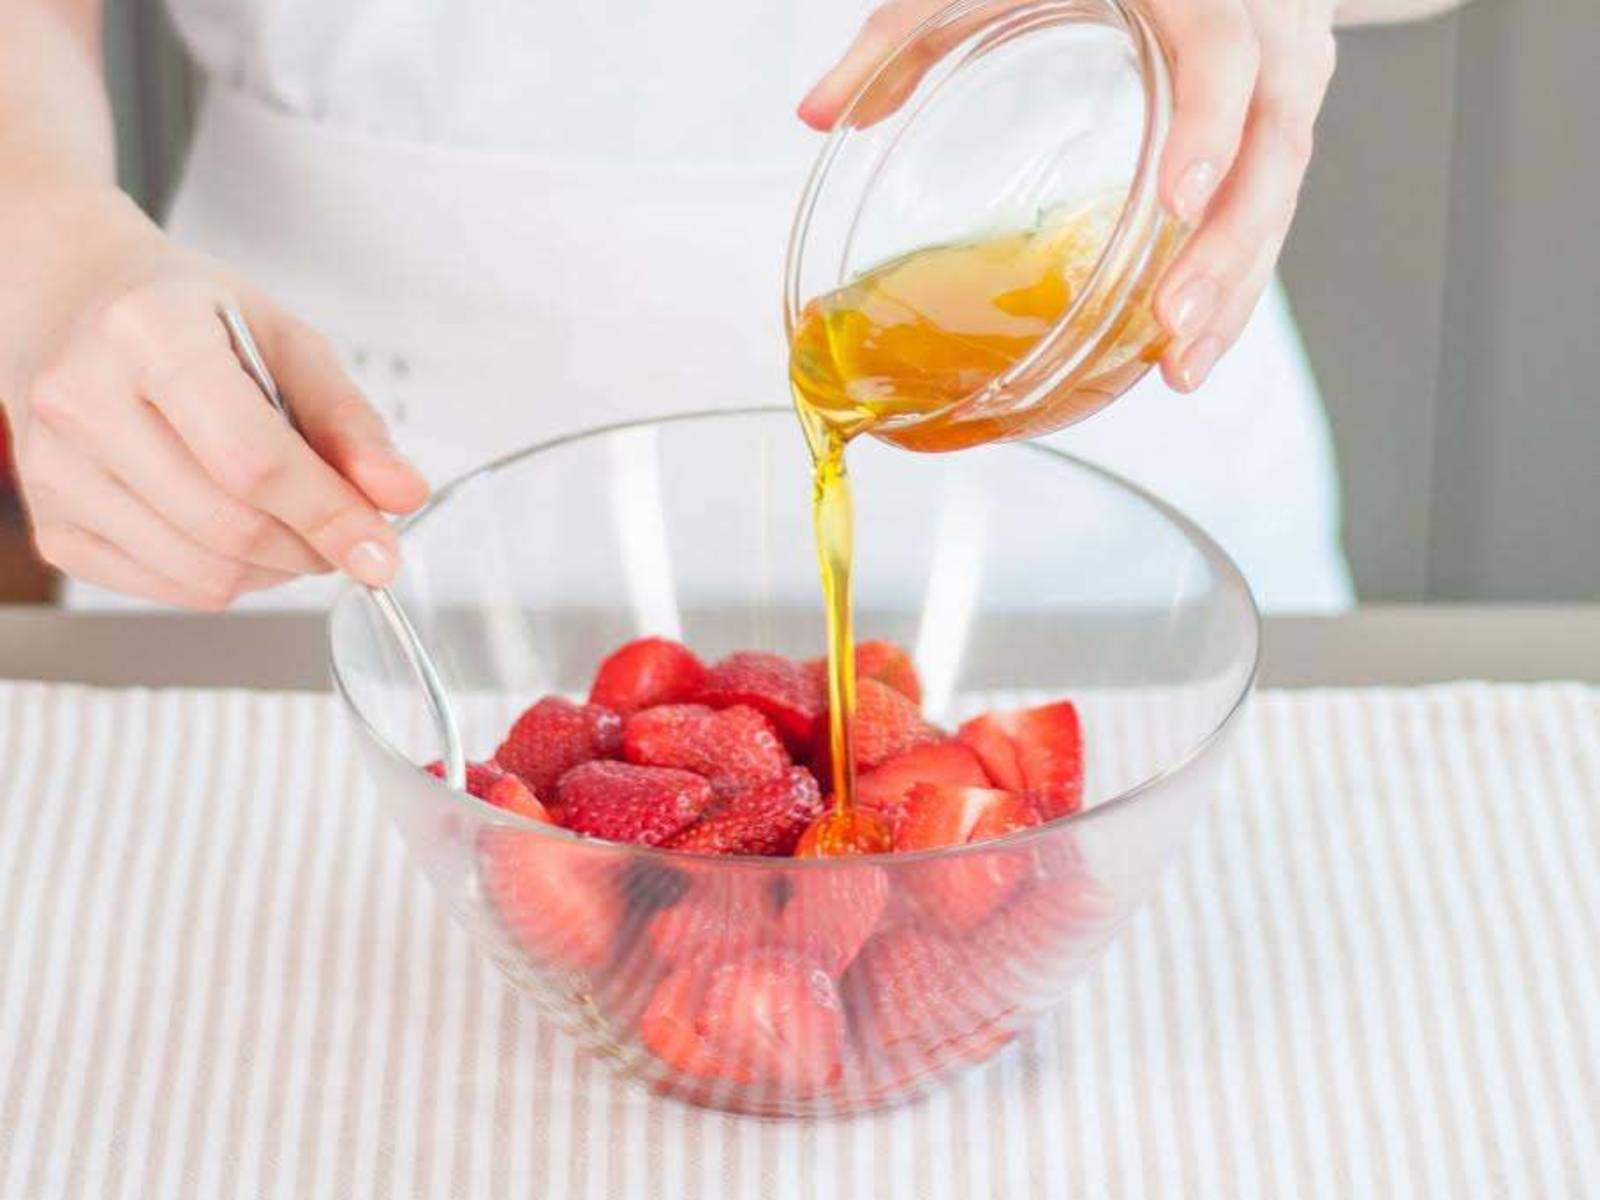 将蜂蜜、橄榄油和些许盐搅拌混合,然后倒在草莓上。翻搅,让草莓裹上酱汁。